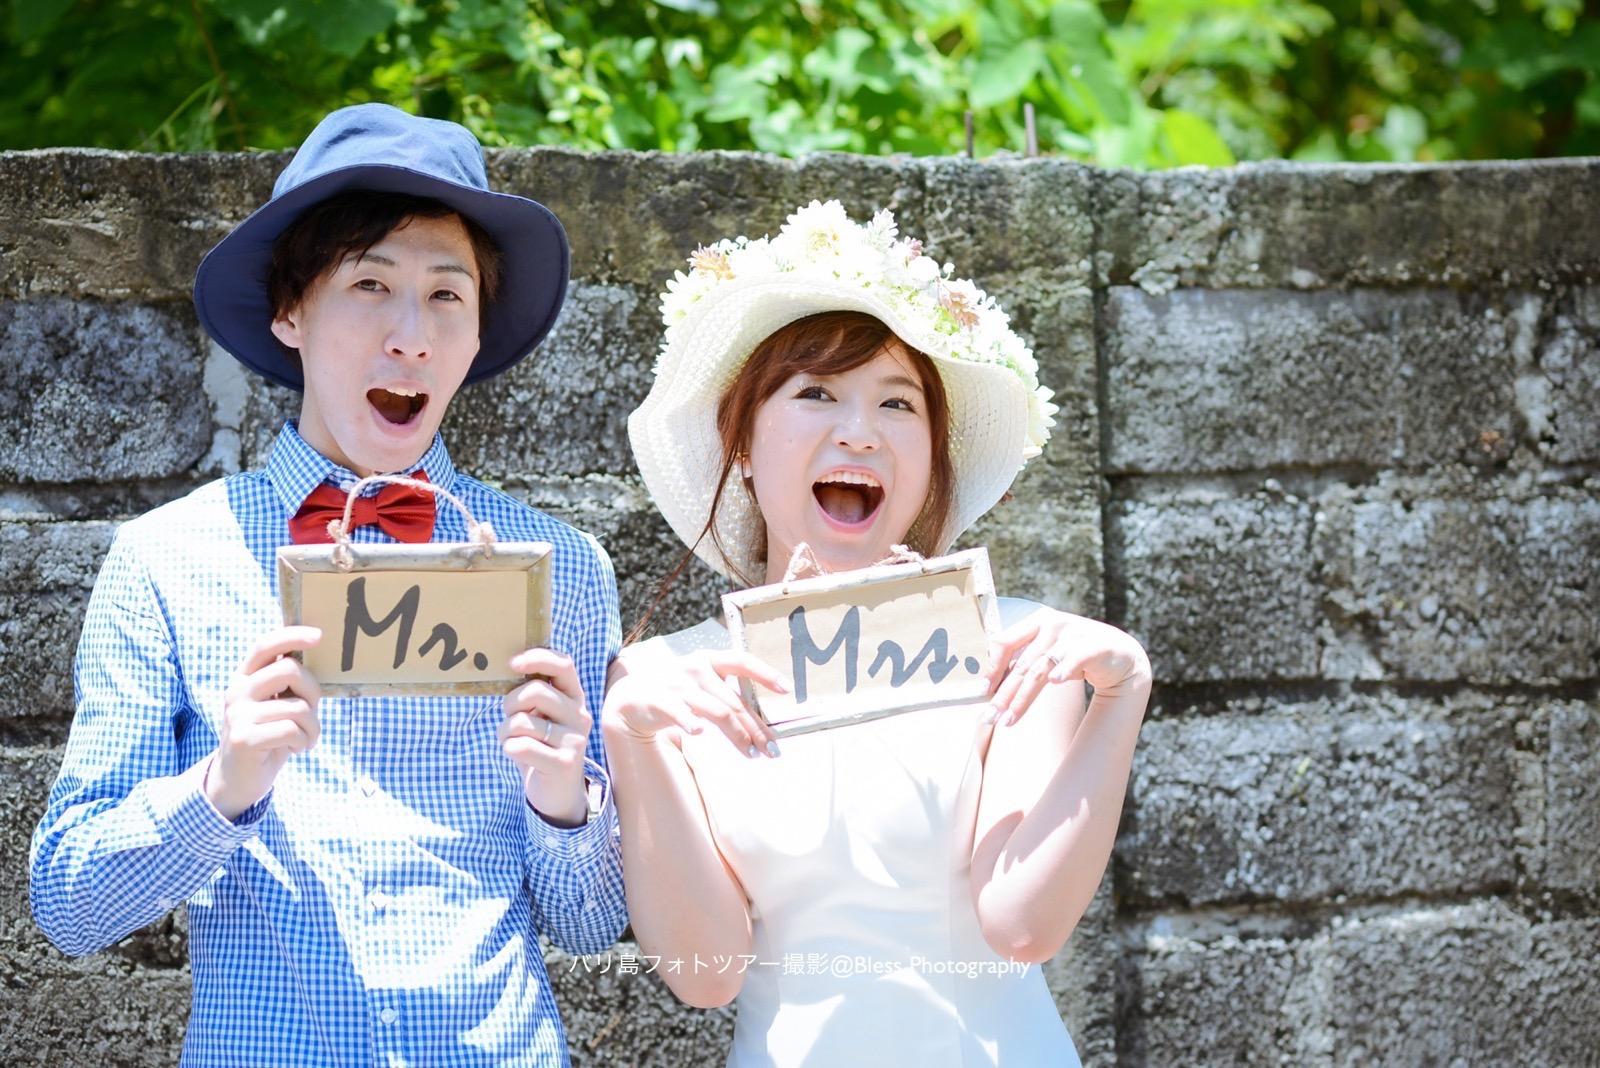 Mr & Mrs のプロップスで可愛らしく